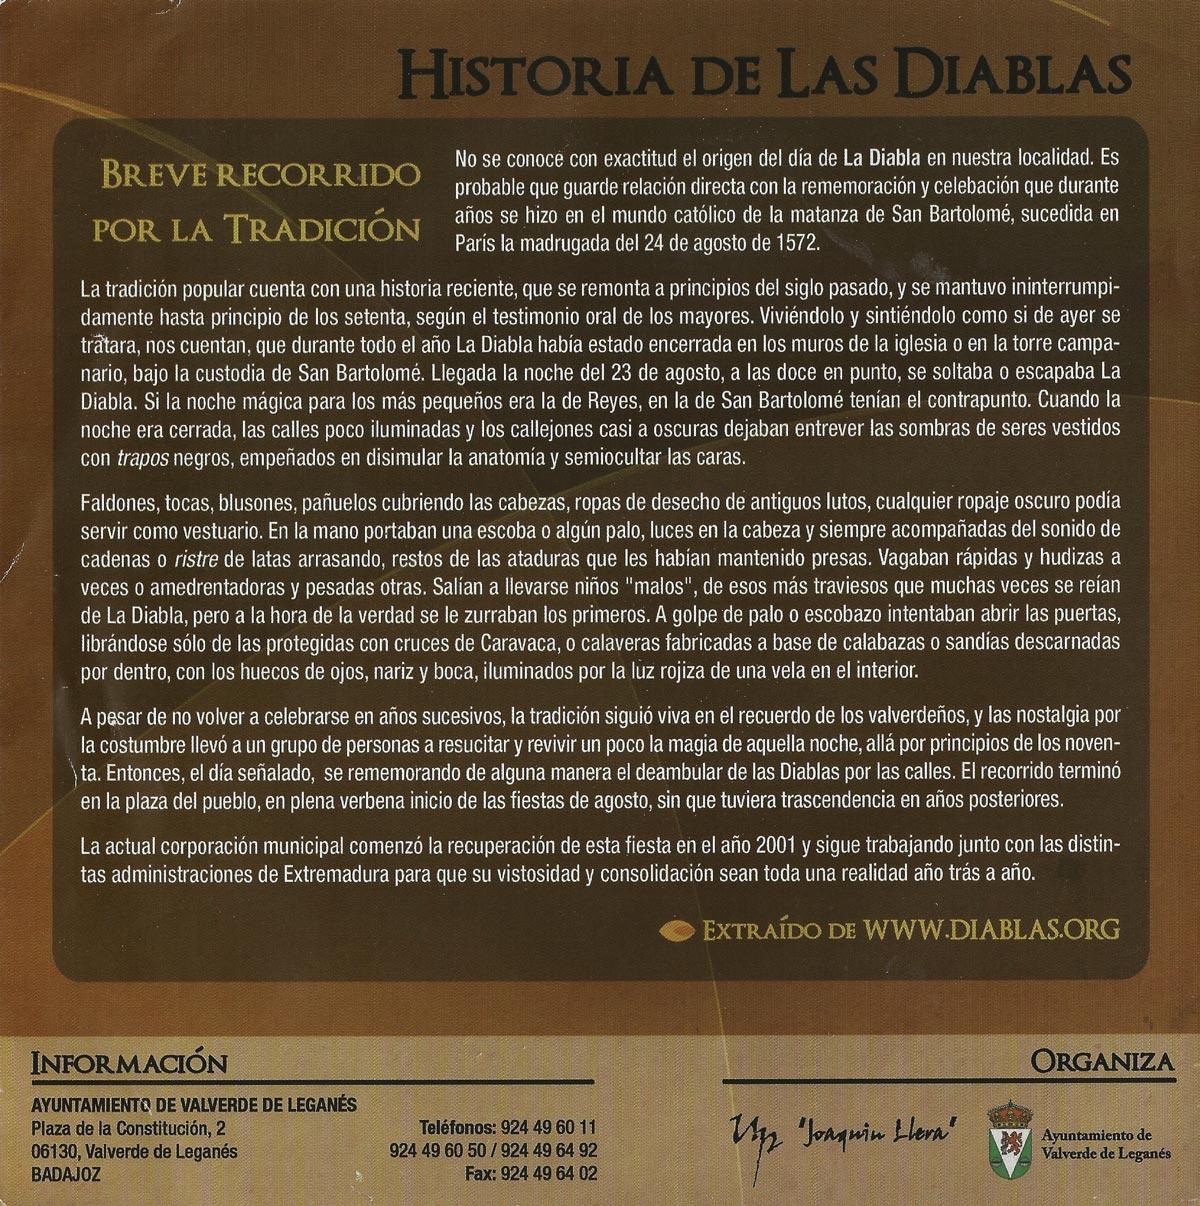 2005-las-diablas-guirigai-cartel-0004